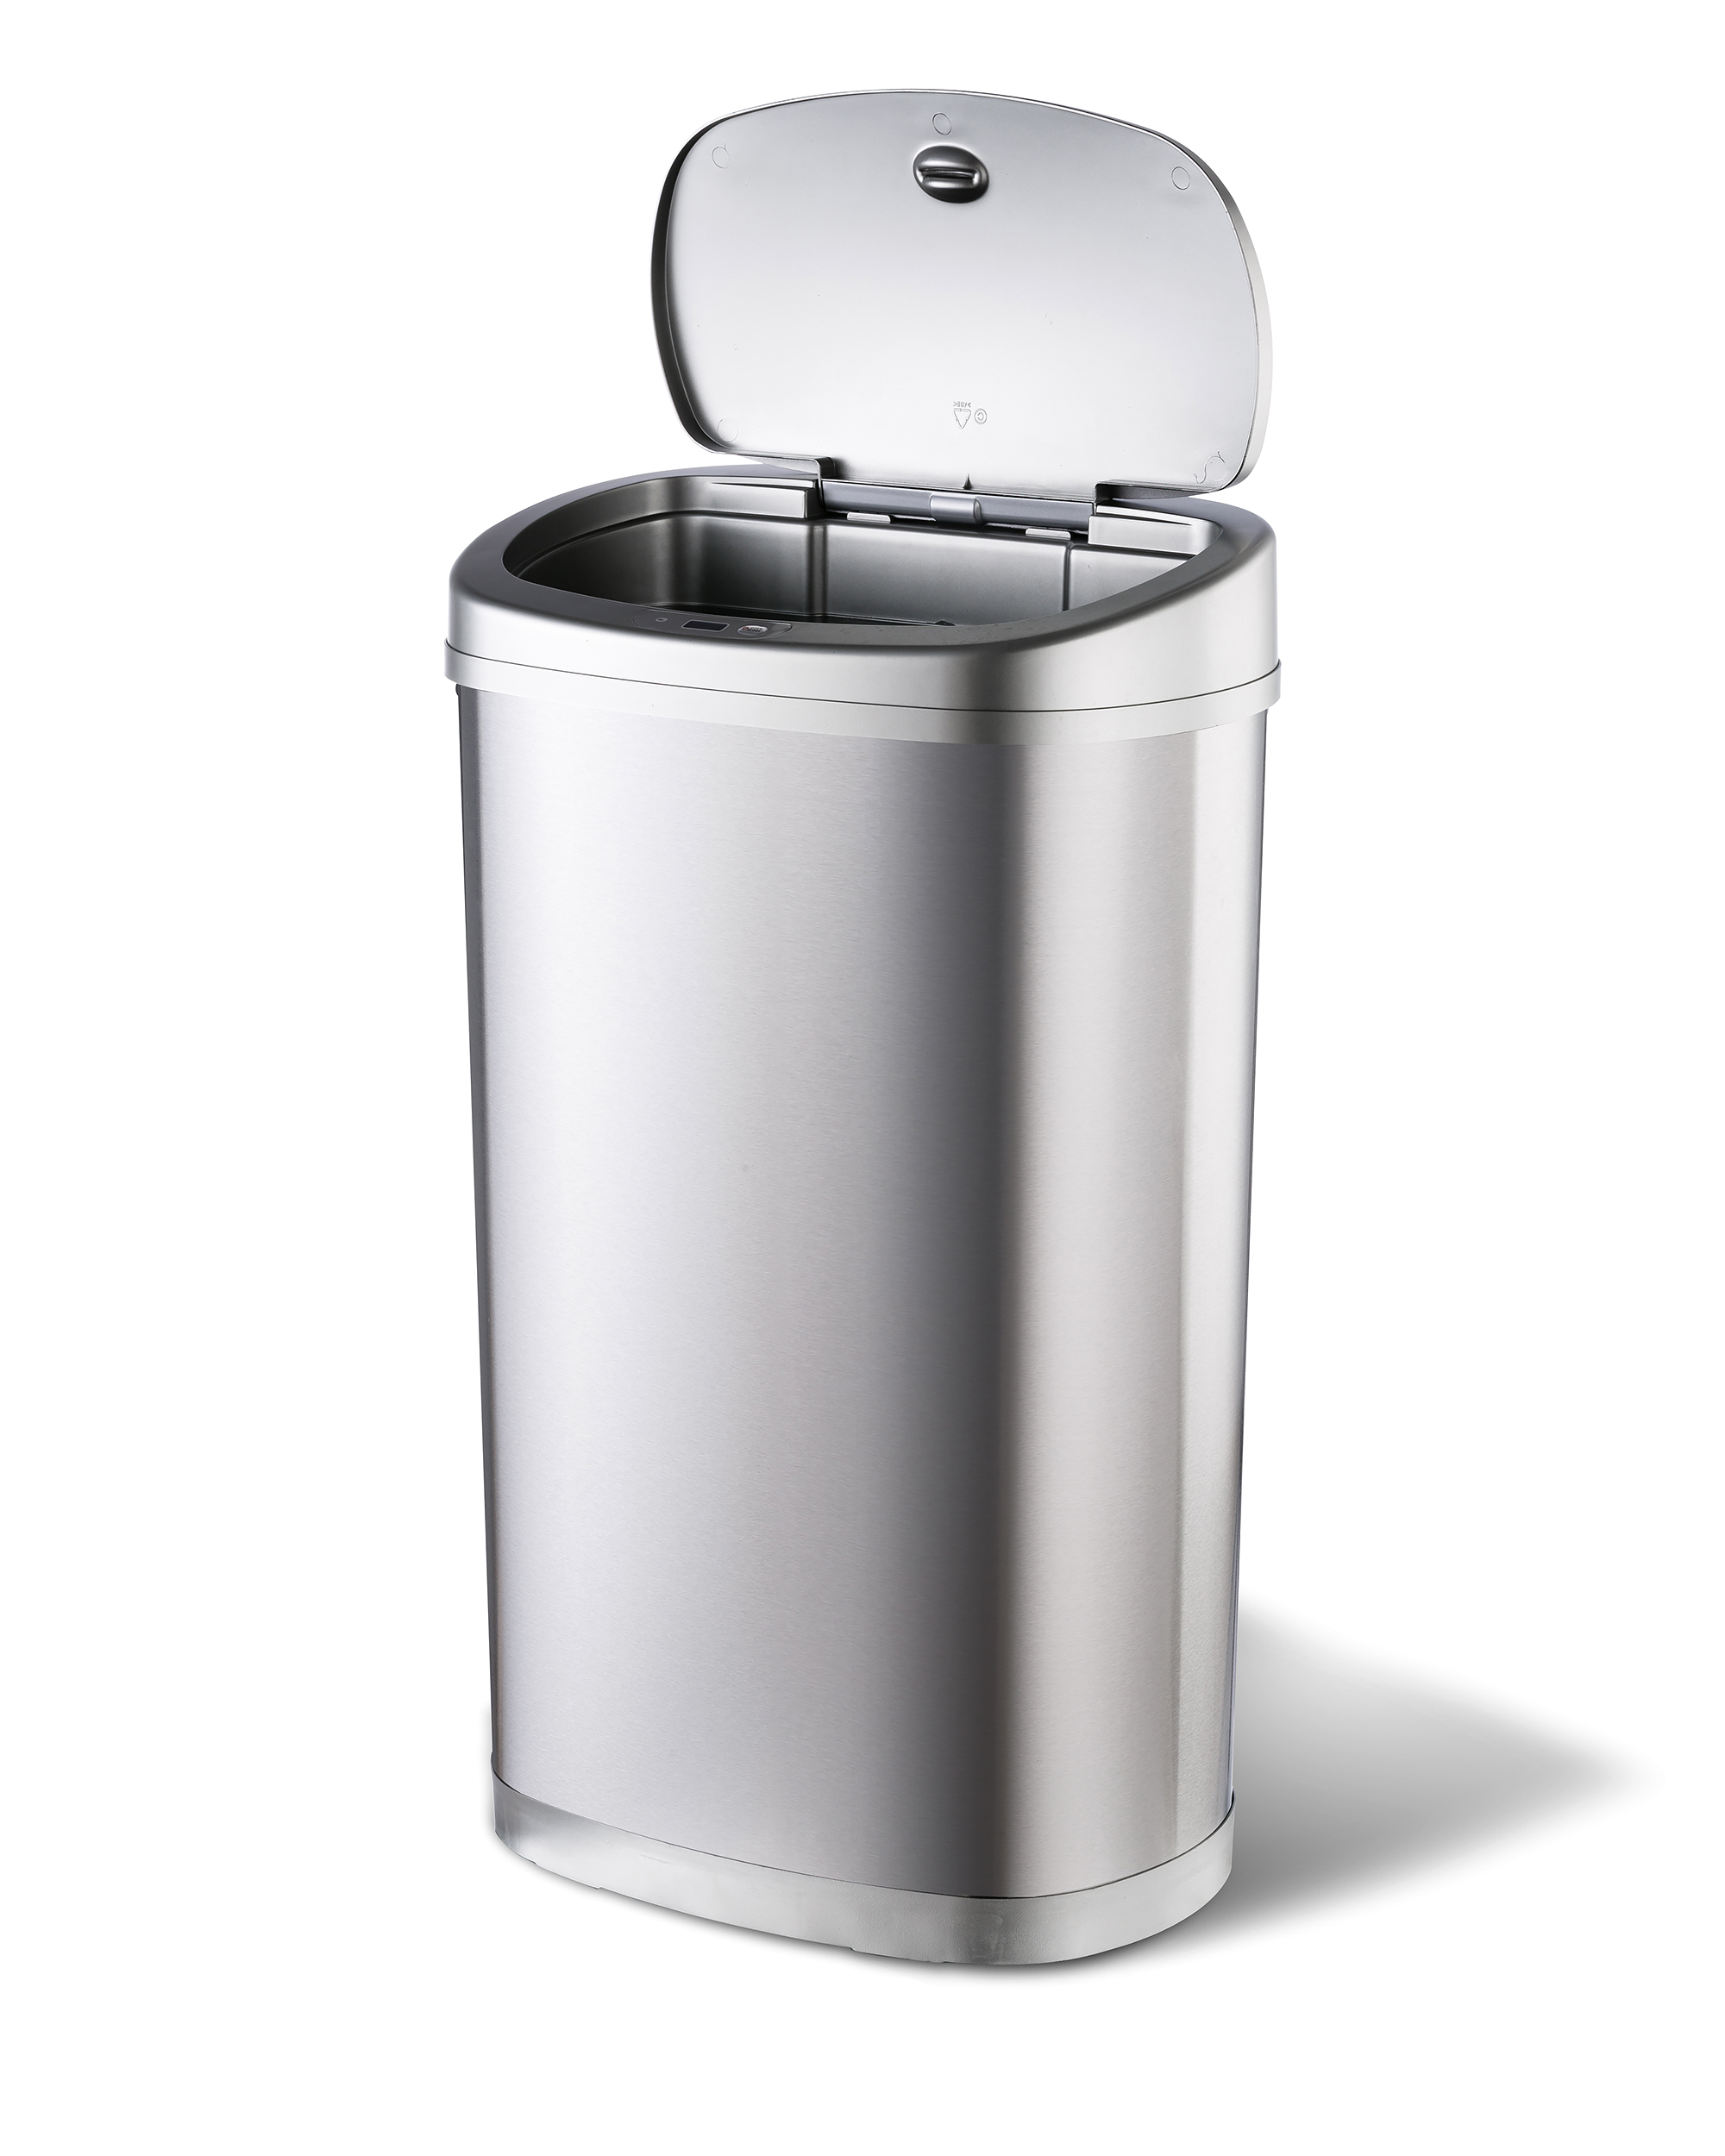 Full Size of Mülleimer Küche Kche Edelstahl Airtight Sensor Mlleimer Automatische Recycling Umziehen Aufbewahrungssystem Miniküche Mit Kühlschrank Büroküche Wohnzimmer Mülleimer Küche